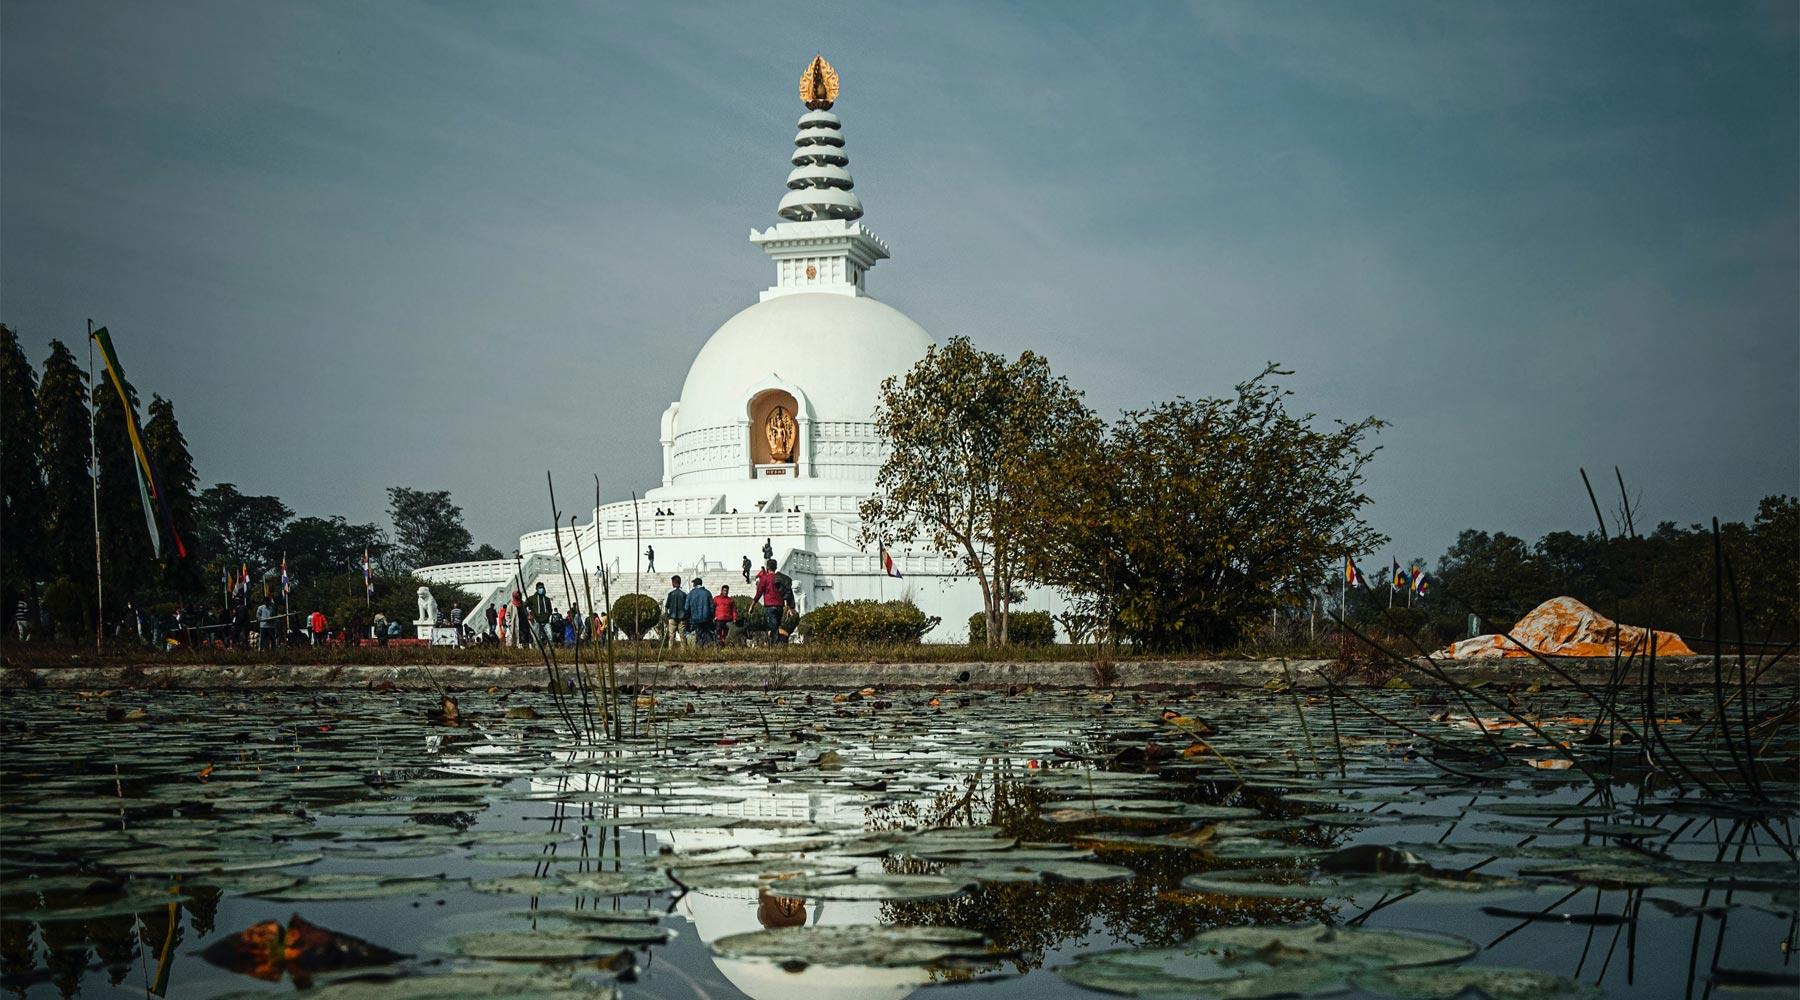 Lumbini in Nepal – The Birthplace of Buddhism